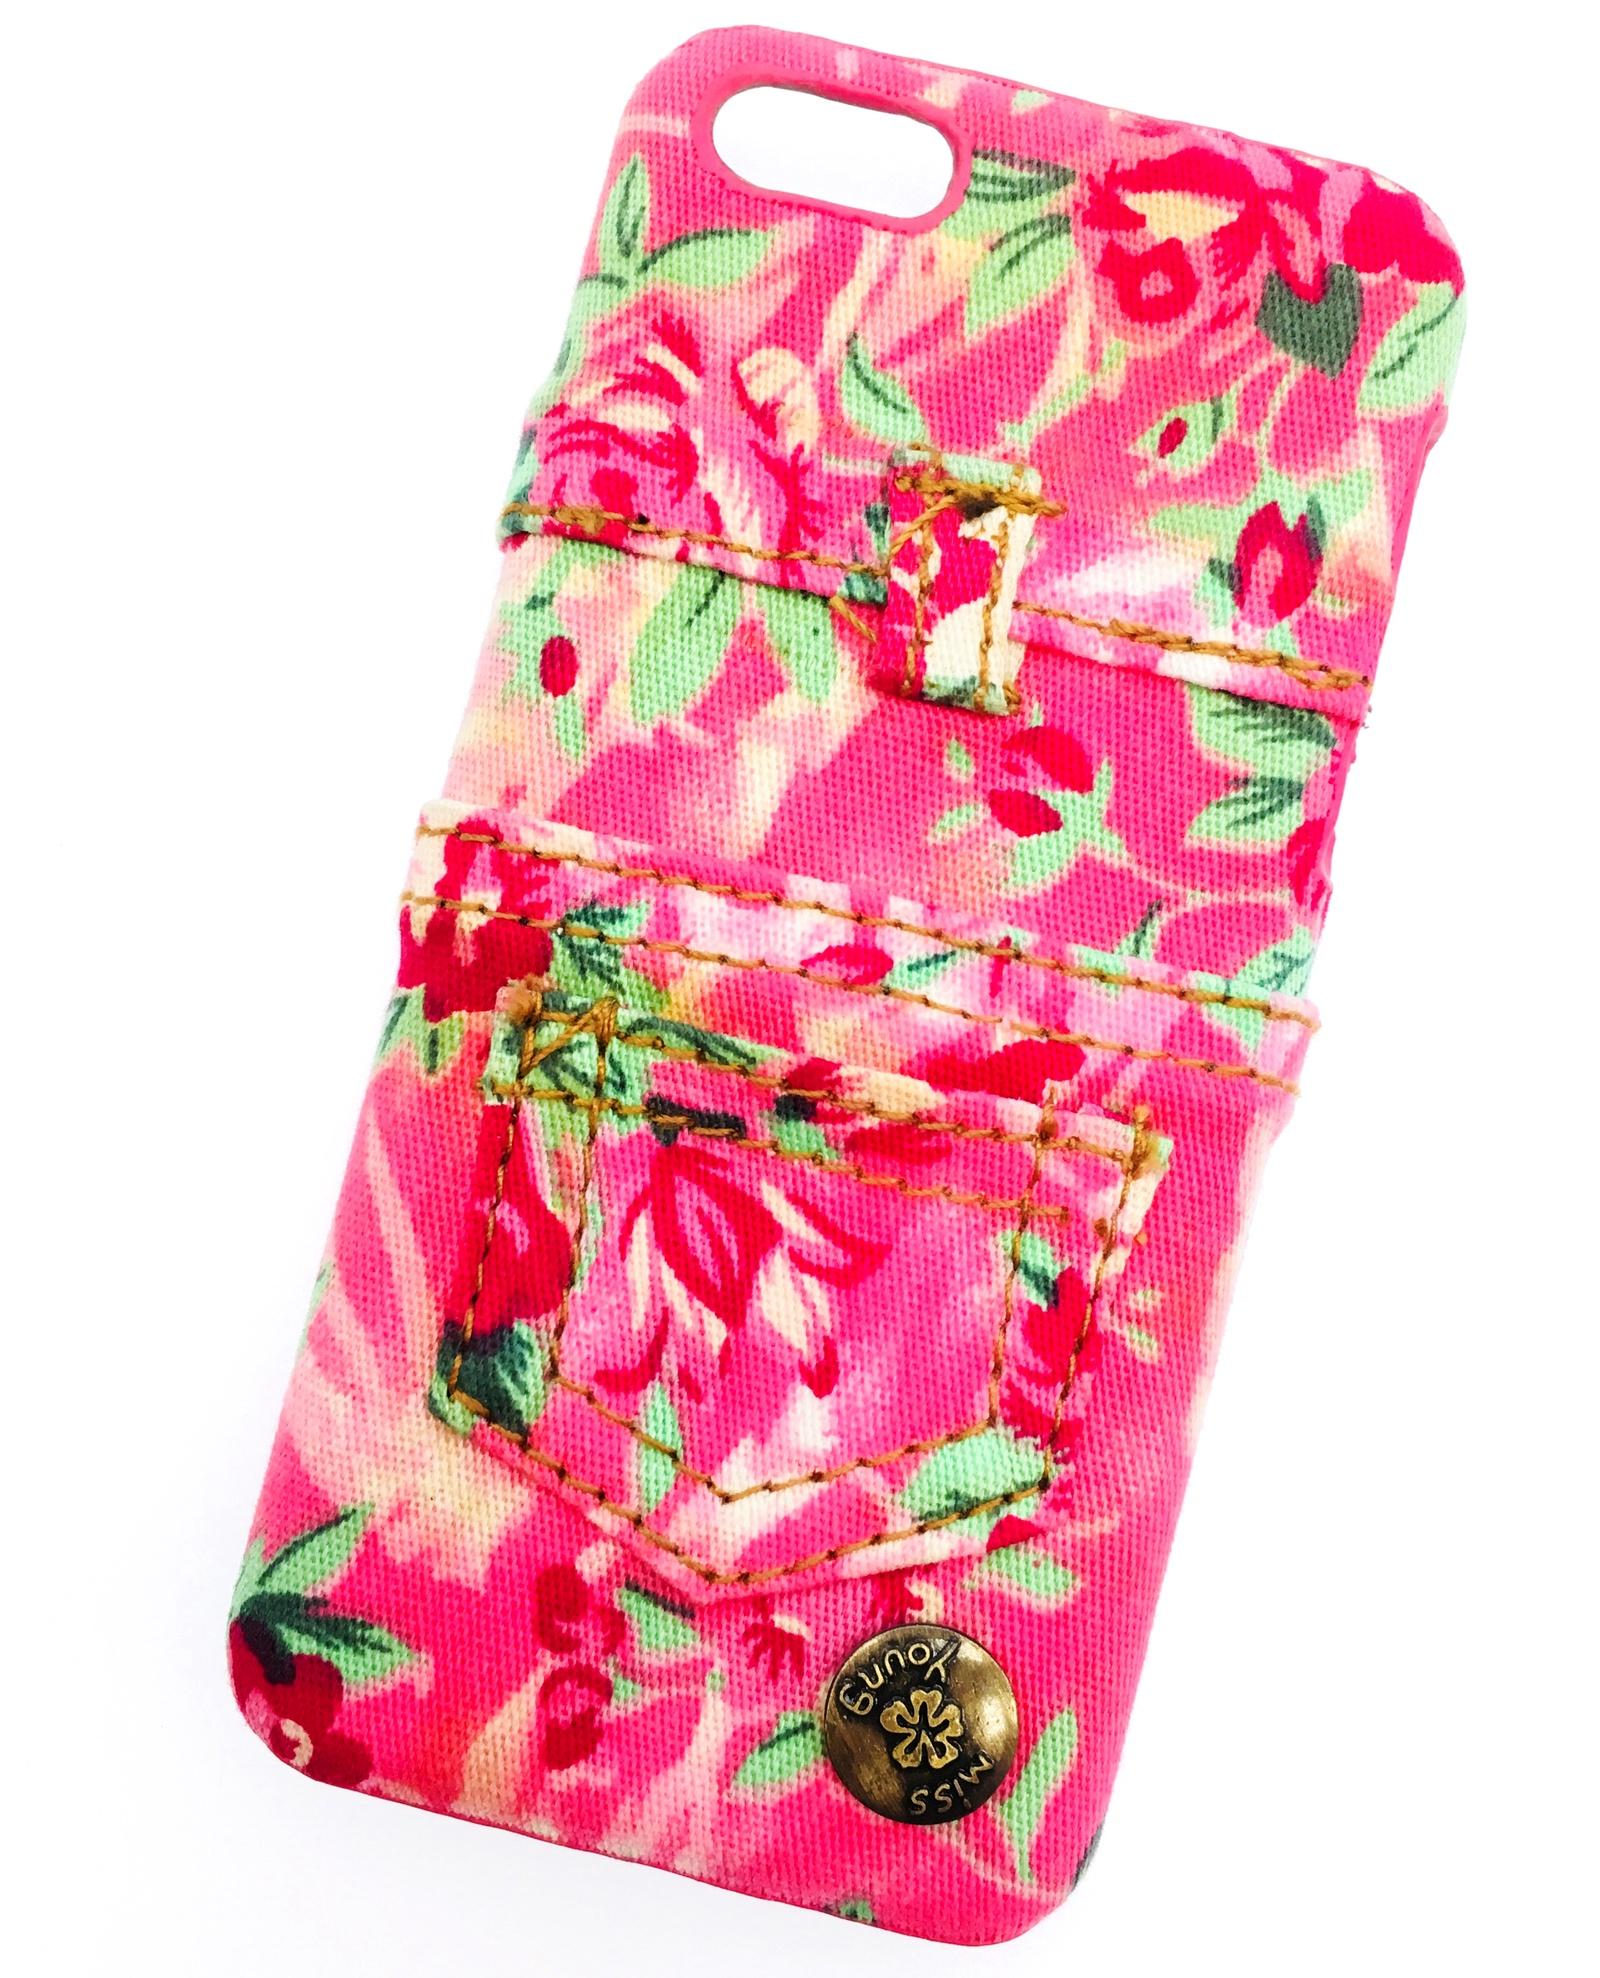 Чехол для сотового телефона Мобильная мода iPhone 5C Накладка пластиковая с кармашком и тканевой отделкой, розовый майка классическая printio хипстер